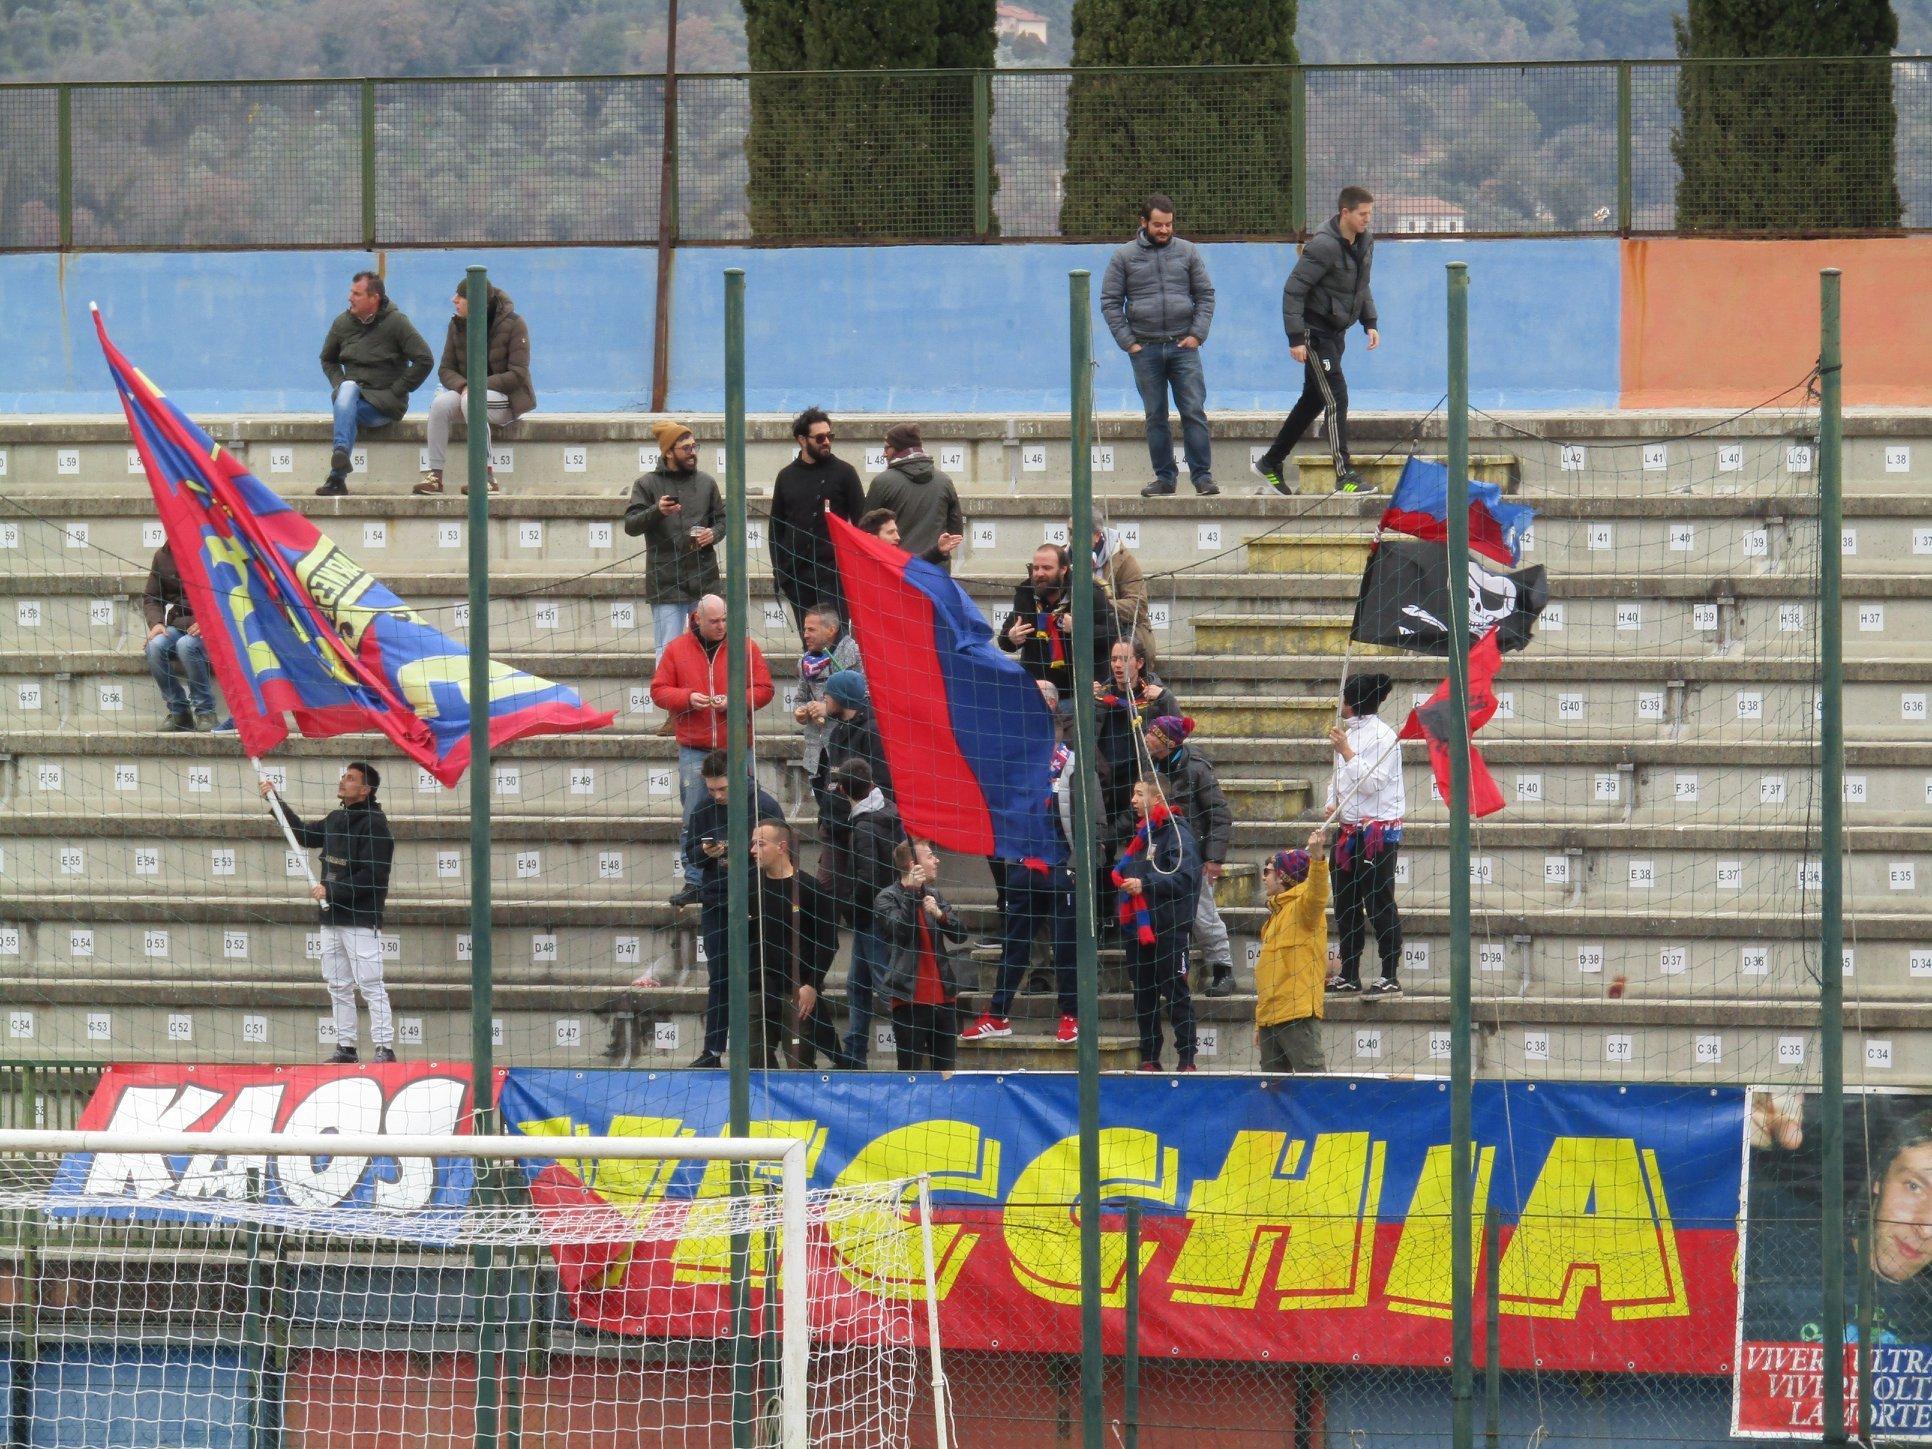 Narnese-Sansepolcro 2-4, sconfitta in rimonta per il rossoblù